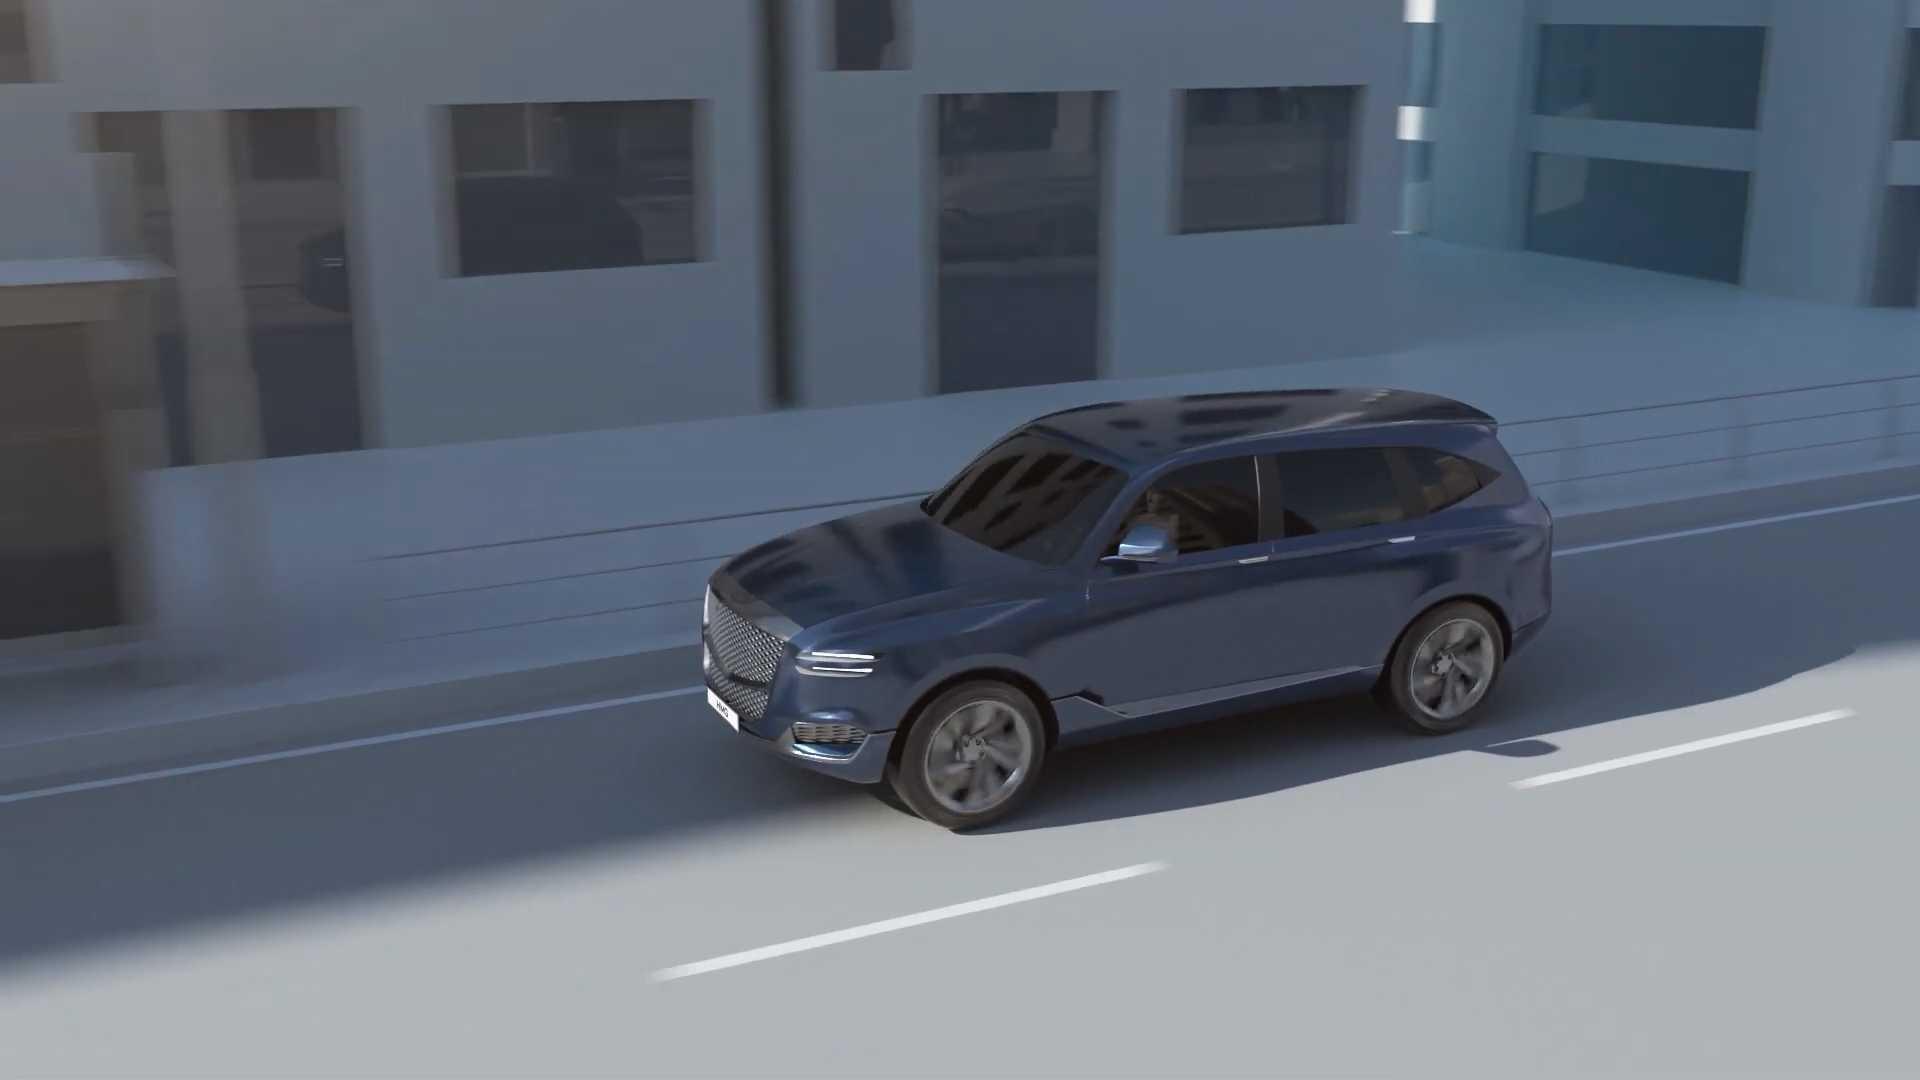 Genesis Suv And 2020 Hyundai Sonata Coming This Year